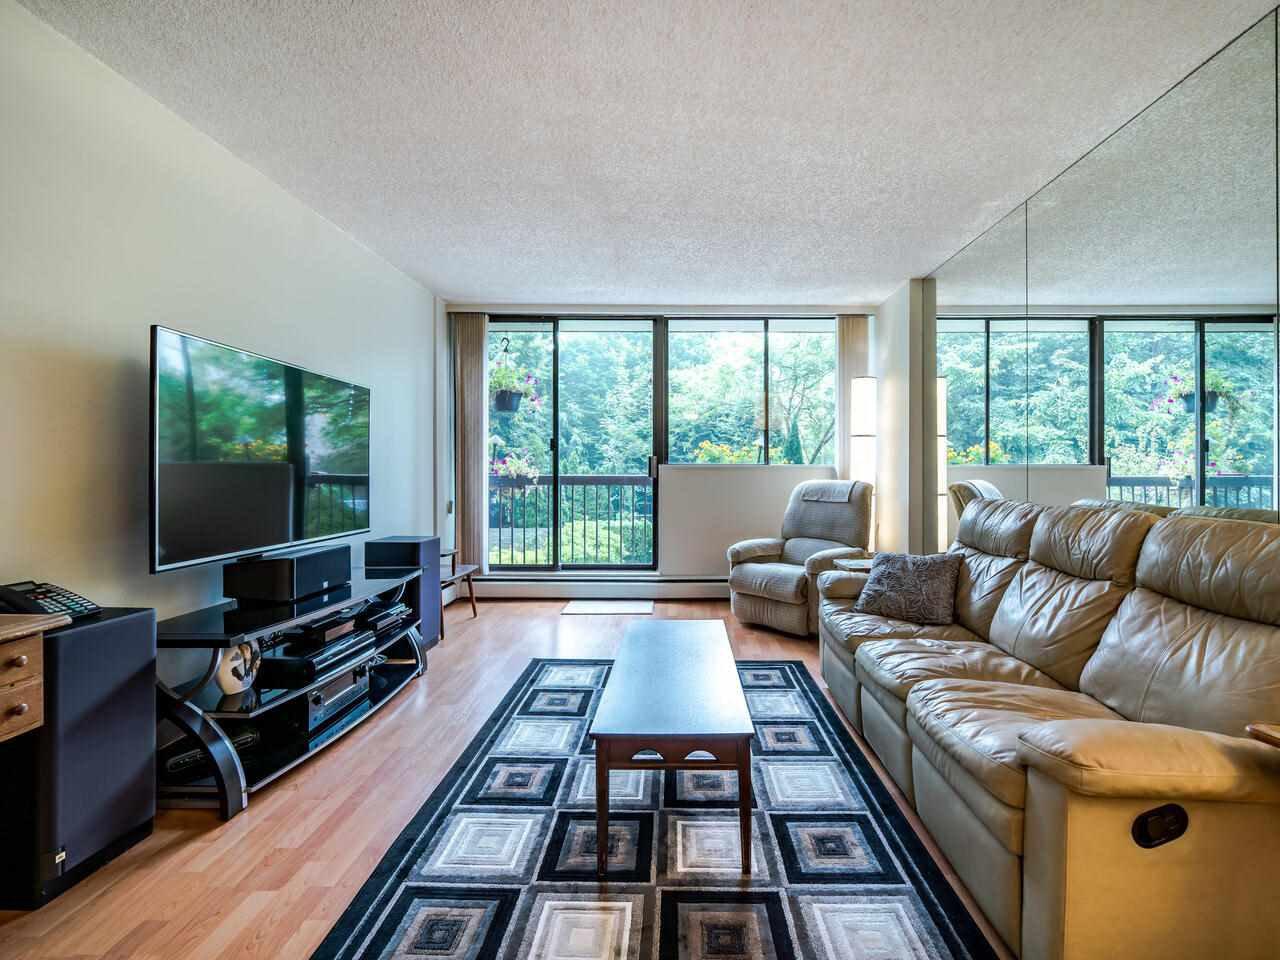 Living room has access to balcony